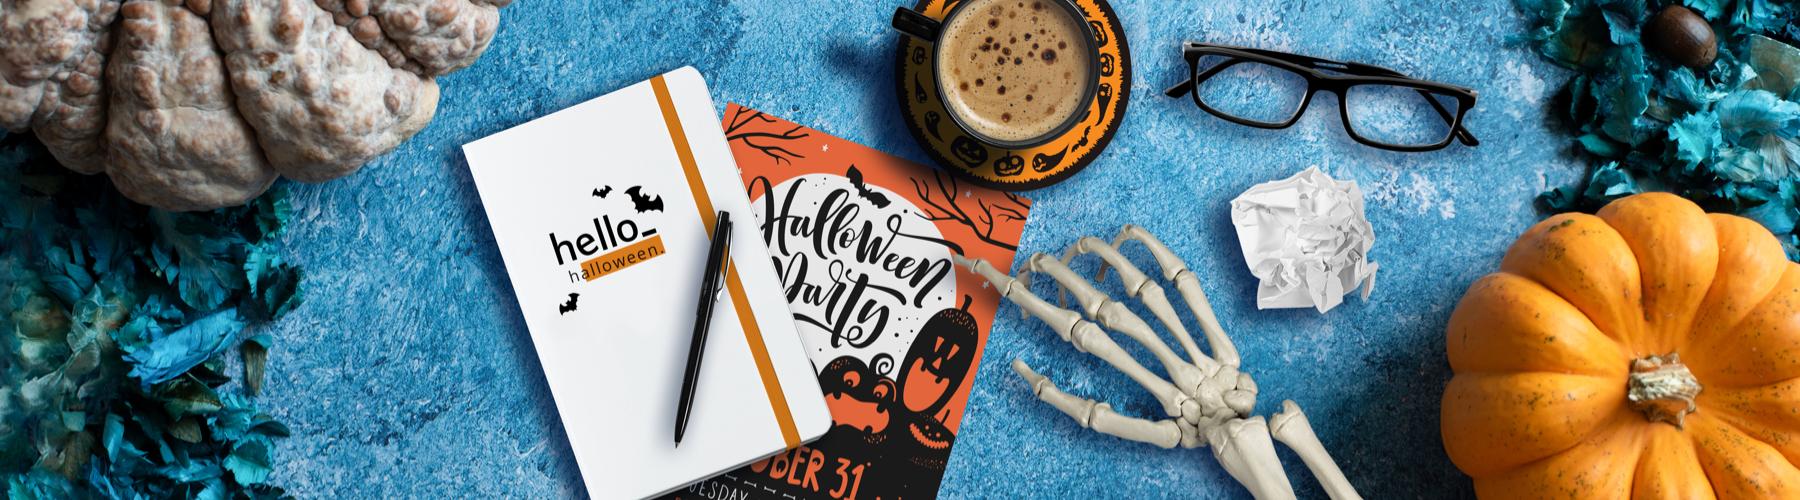 9 Exemples de campagnes publicitaires originales pour Halloween.